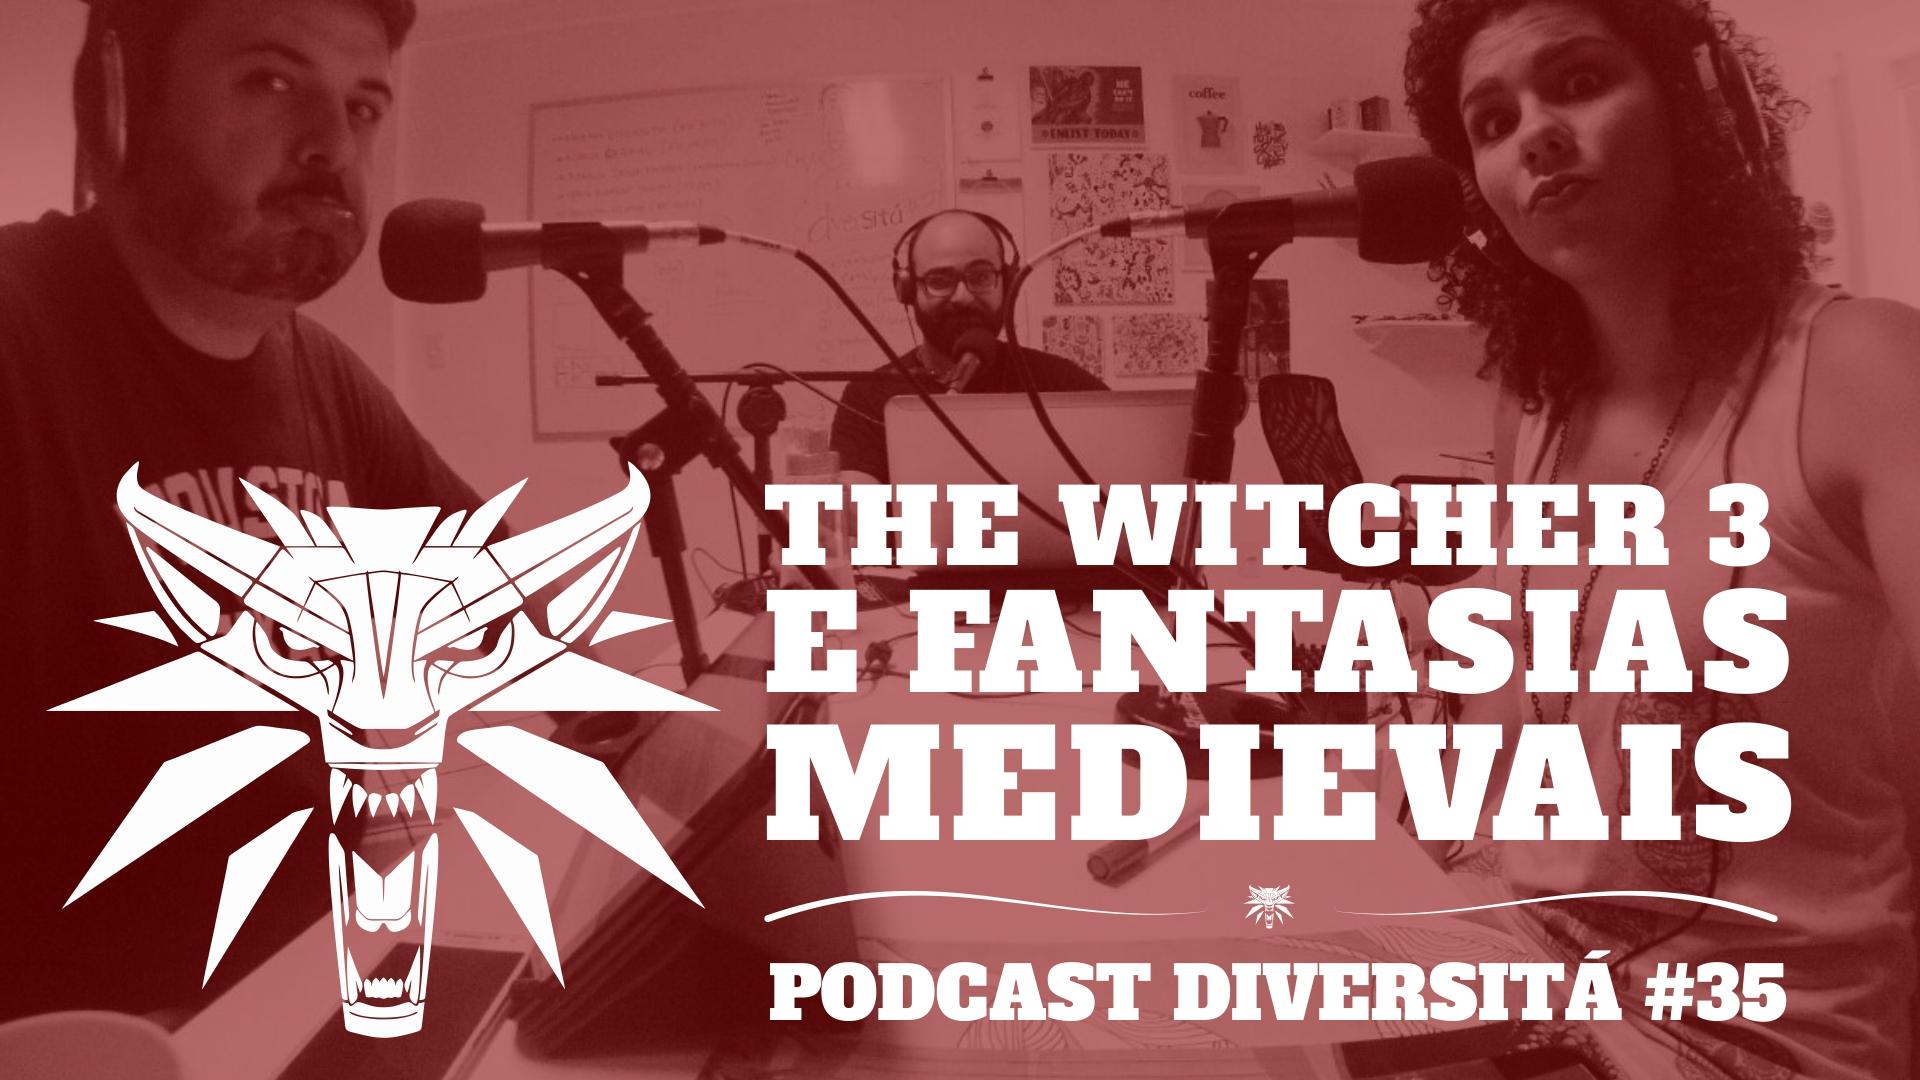 podcastdiversita35_youtube